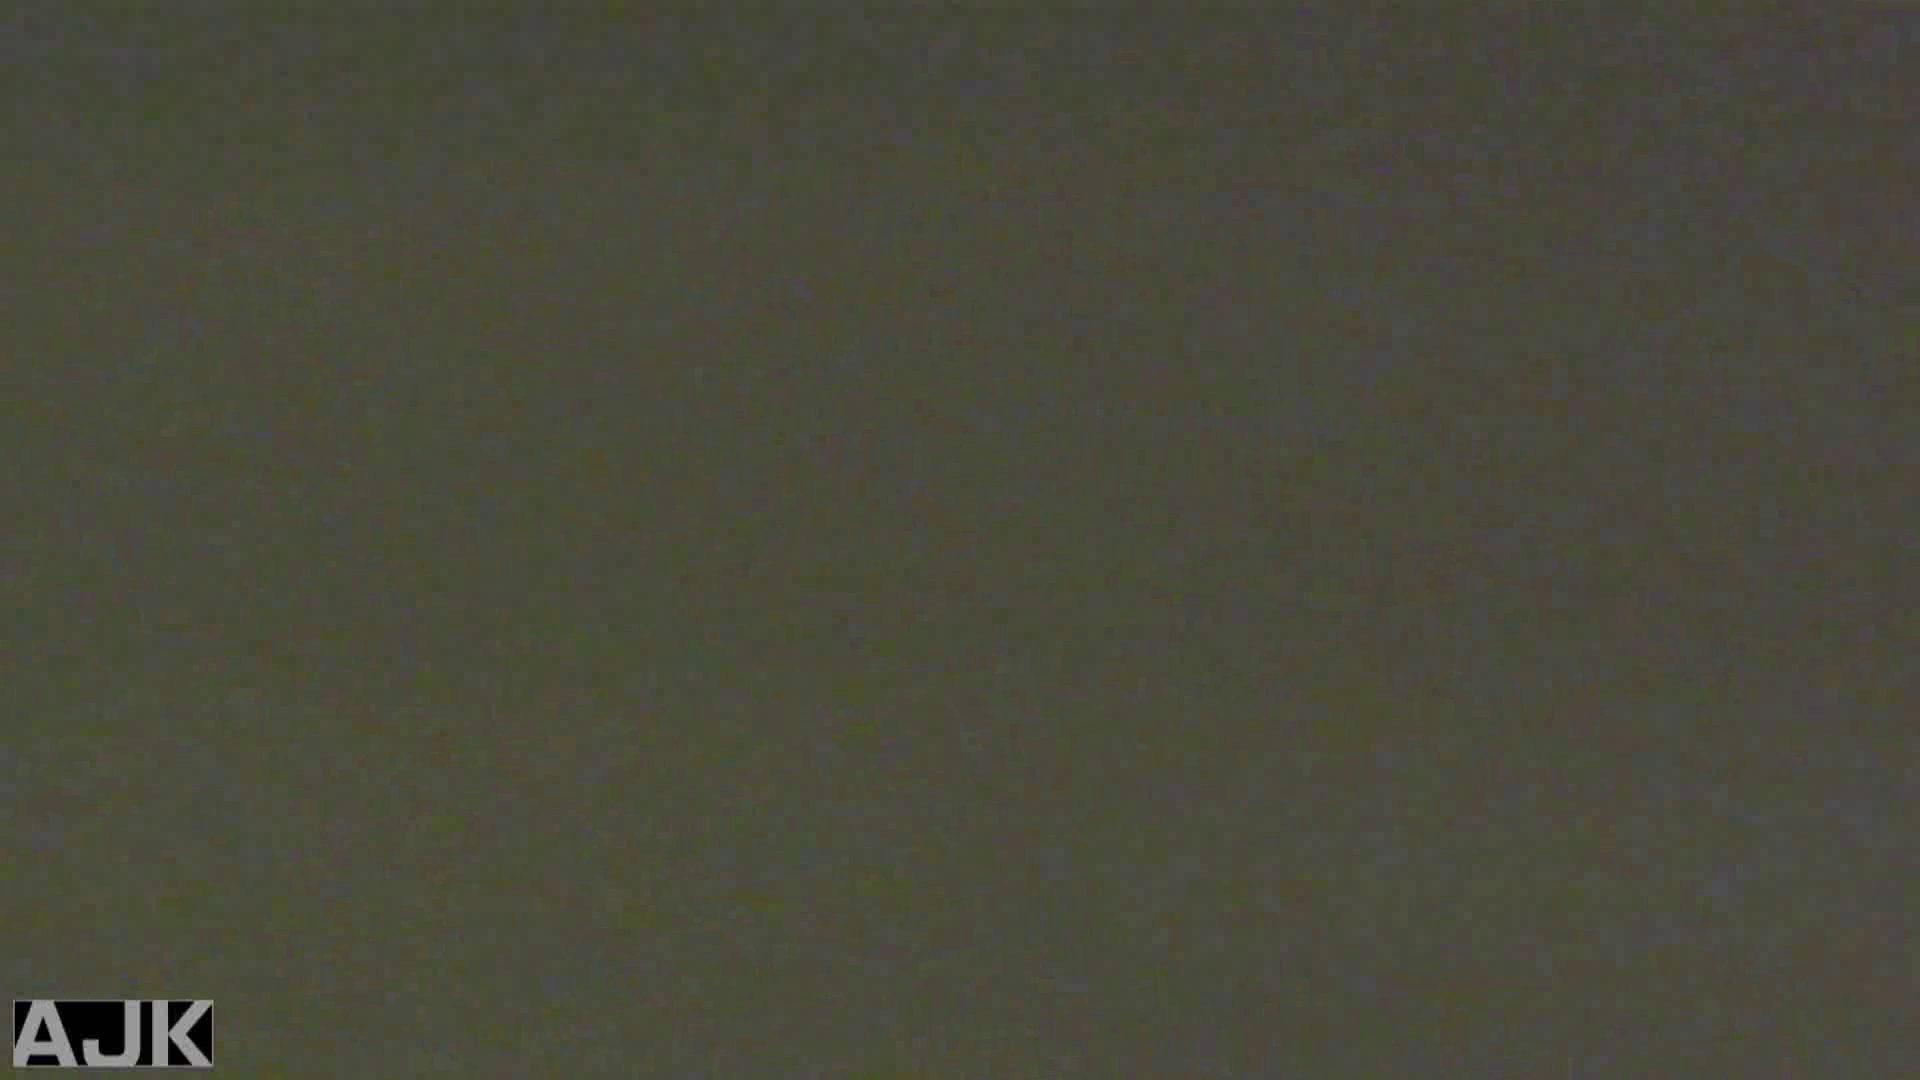 神降臨!史上最強の潜入かわや! vol.03 肛門丸見え AV無料動画キャプチャ 95pic 20